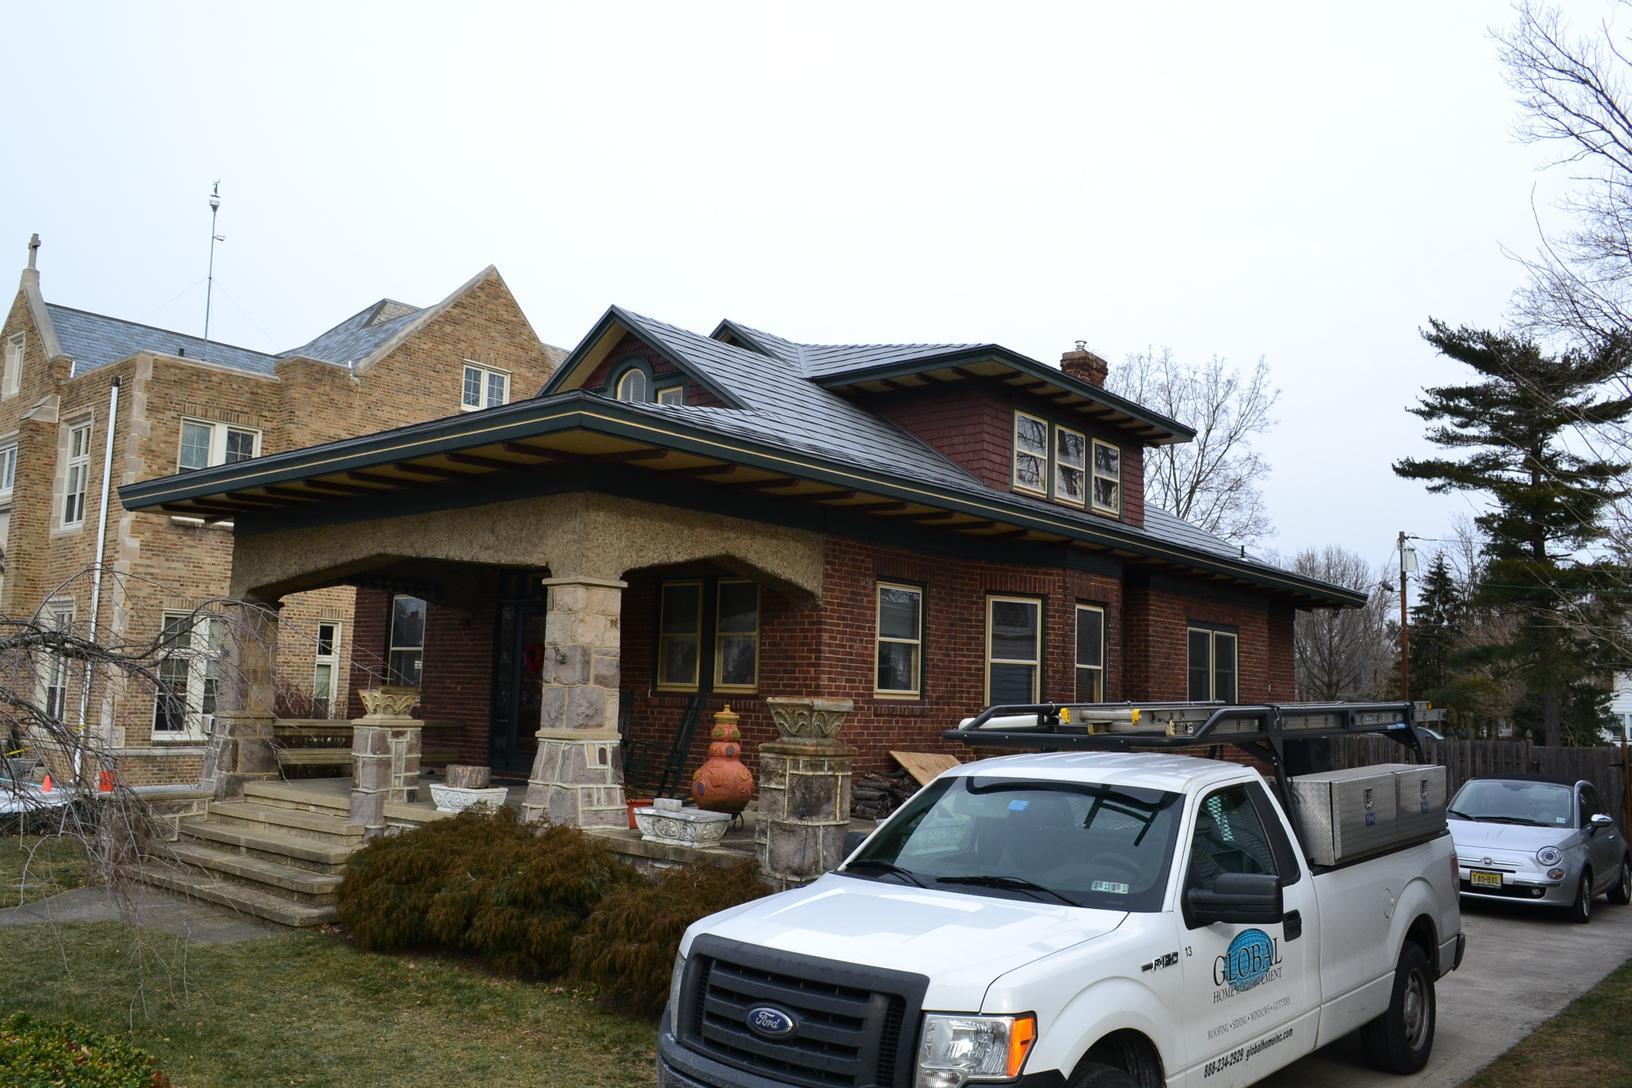 Sierra Slate Grey Tamco Metalworks Metal Slate Roof Installation in Riverton, NJ